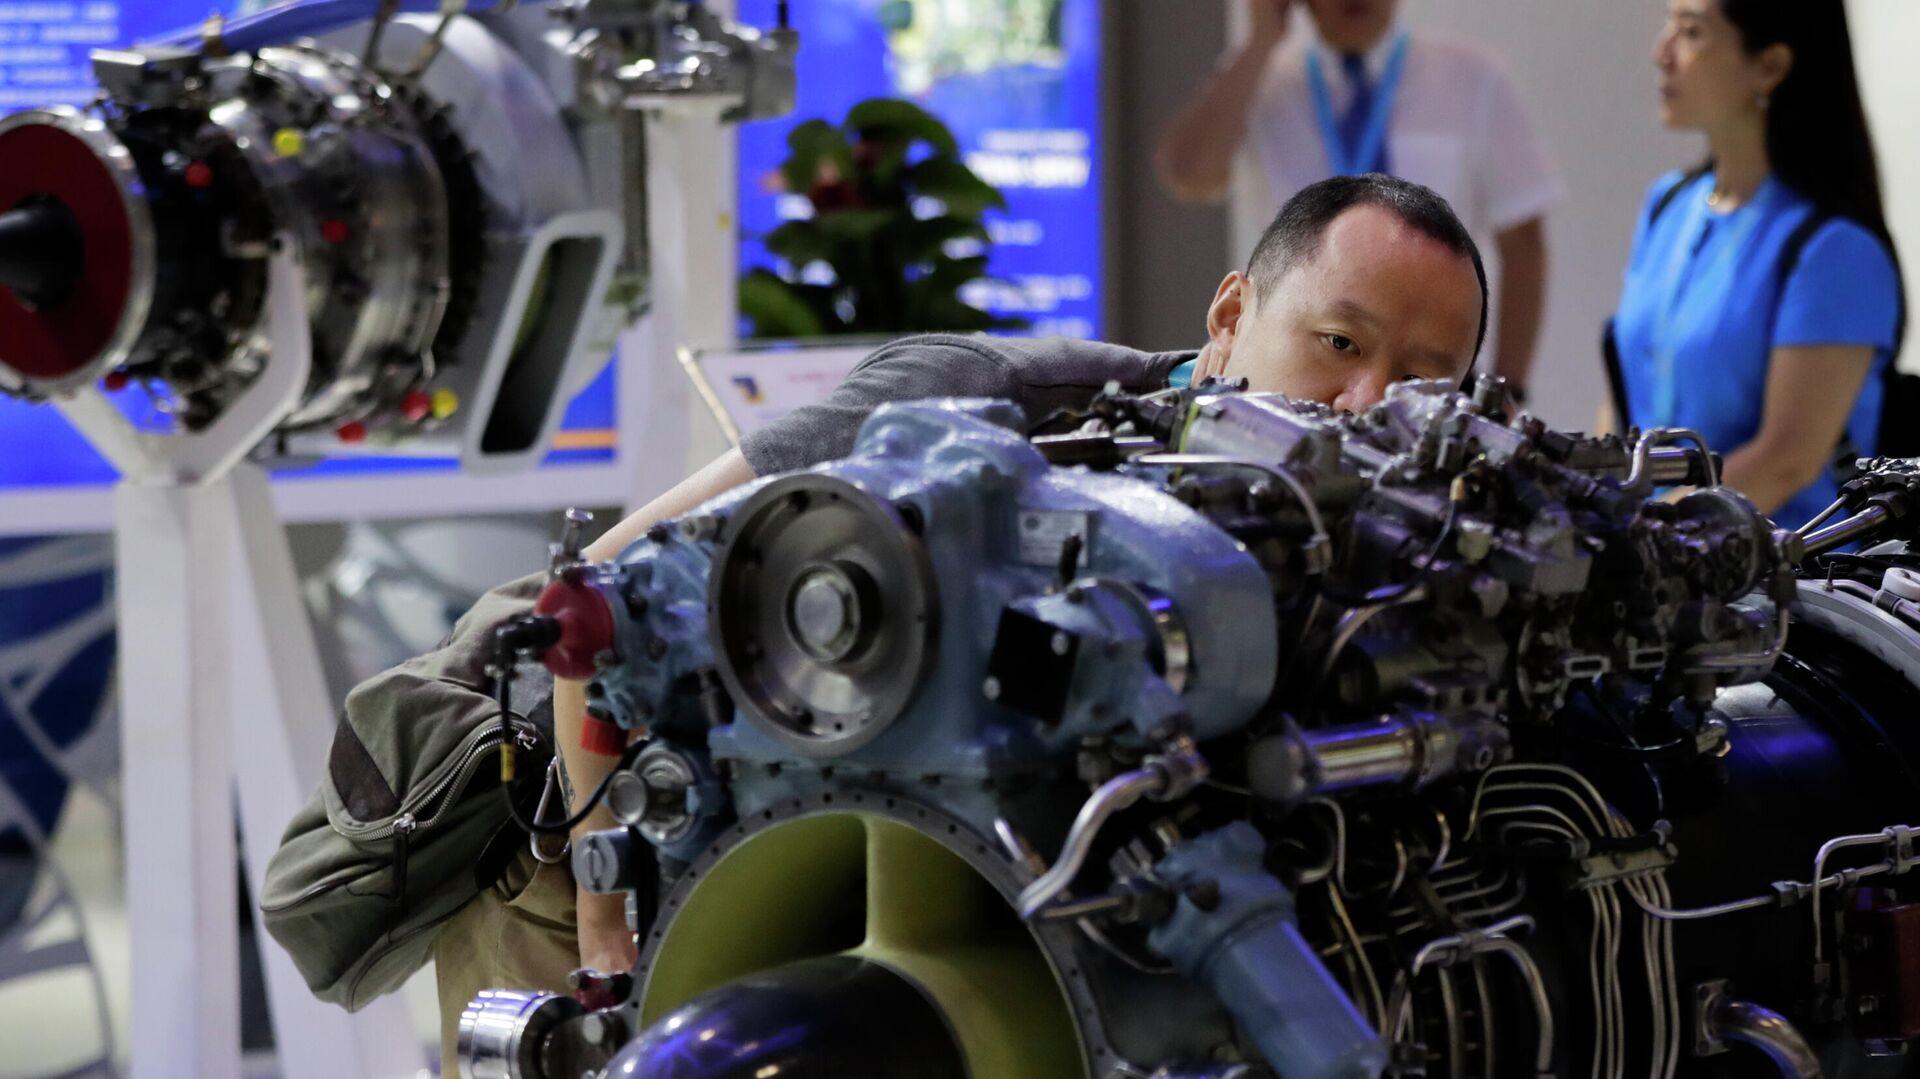 Мужчина рассматривает двигатель вертолета, разработанный компанией Мотор Сич, представленный на выставке Aviation Expo China в Пекине - РИА Новости, 1920, 07.12.2020